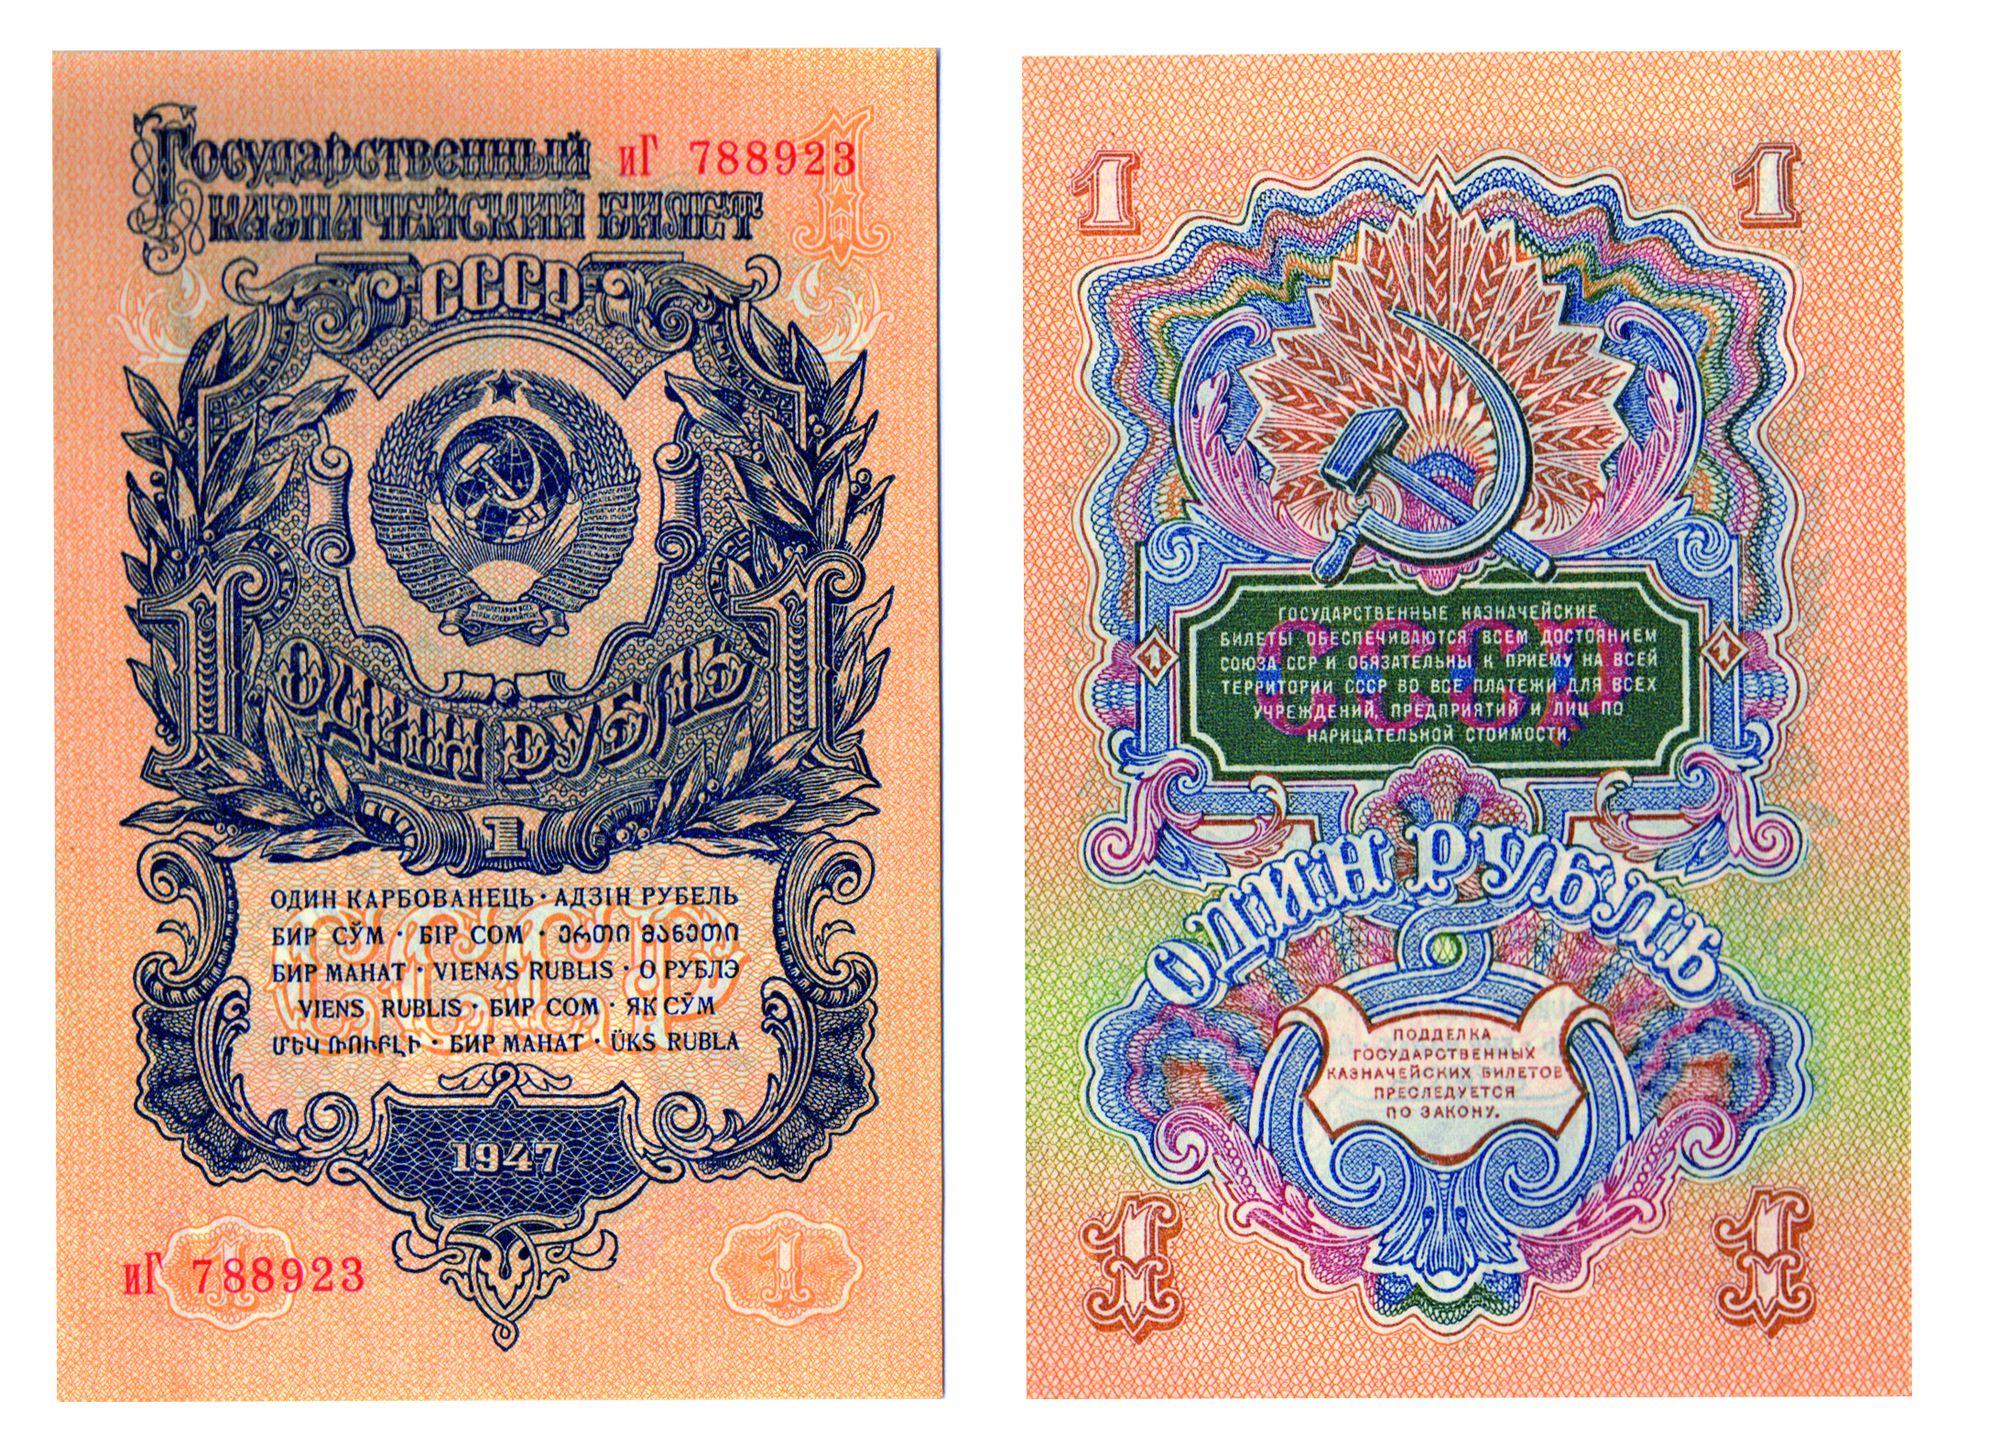 Денежная реформа в СССР в 1947 году. Заработная плата и цены в конце 40-х, начале 50-х годов